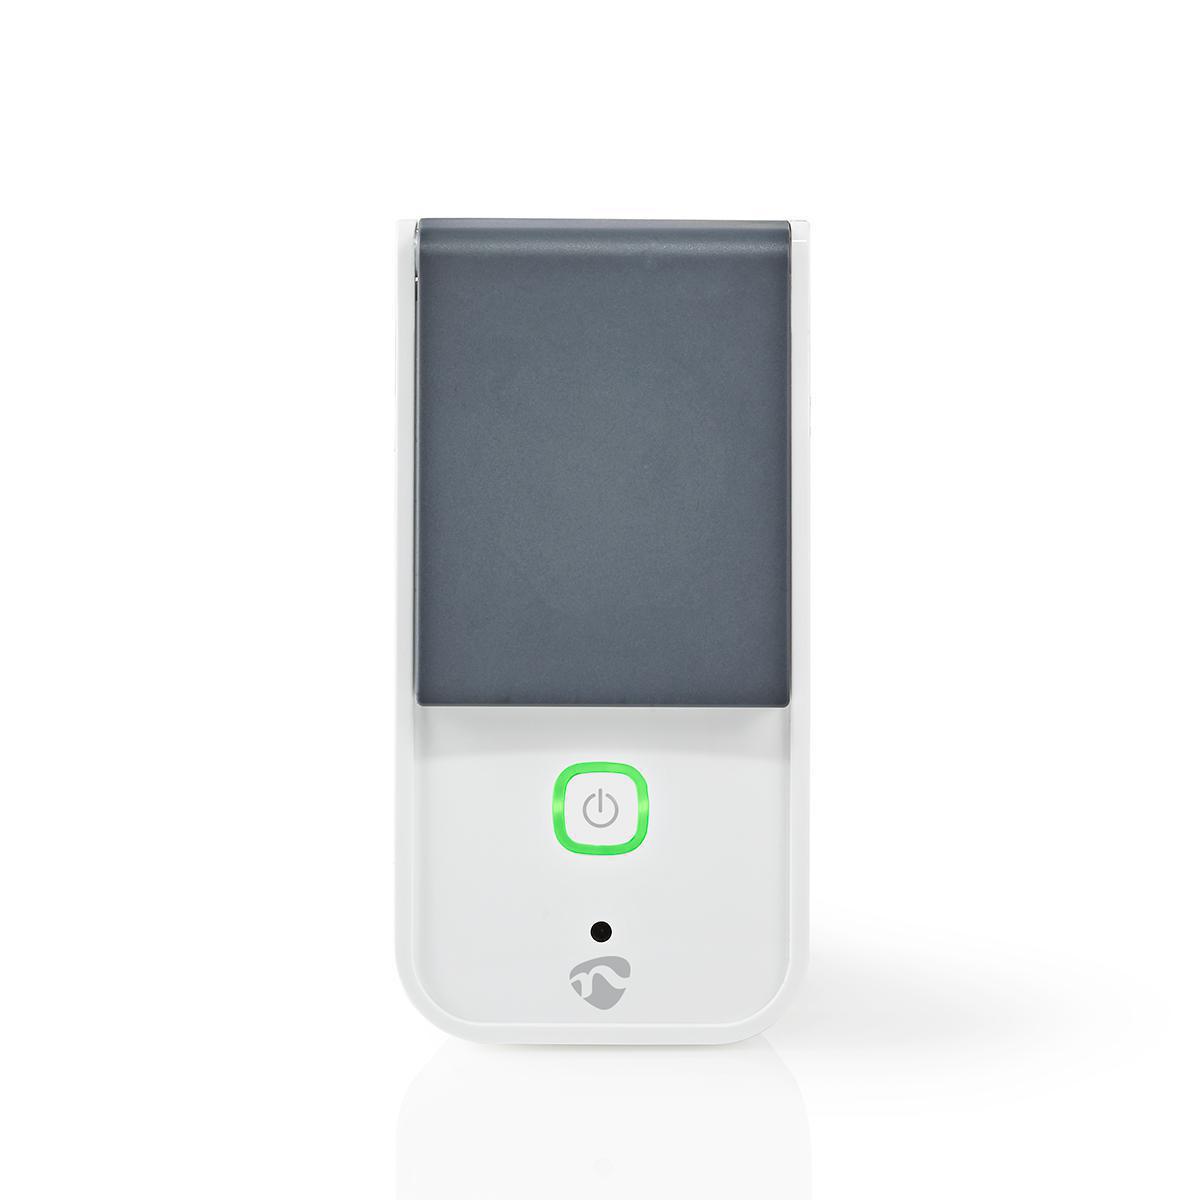 Wi-Fi Smart Plug pour l'extérieur | Résistant aux éclaboussures | IP44 | Moniteur de consommation | Schuko Type F | 16 A